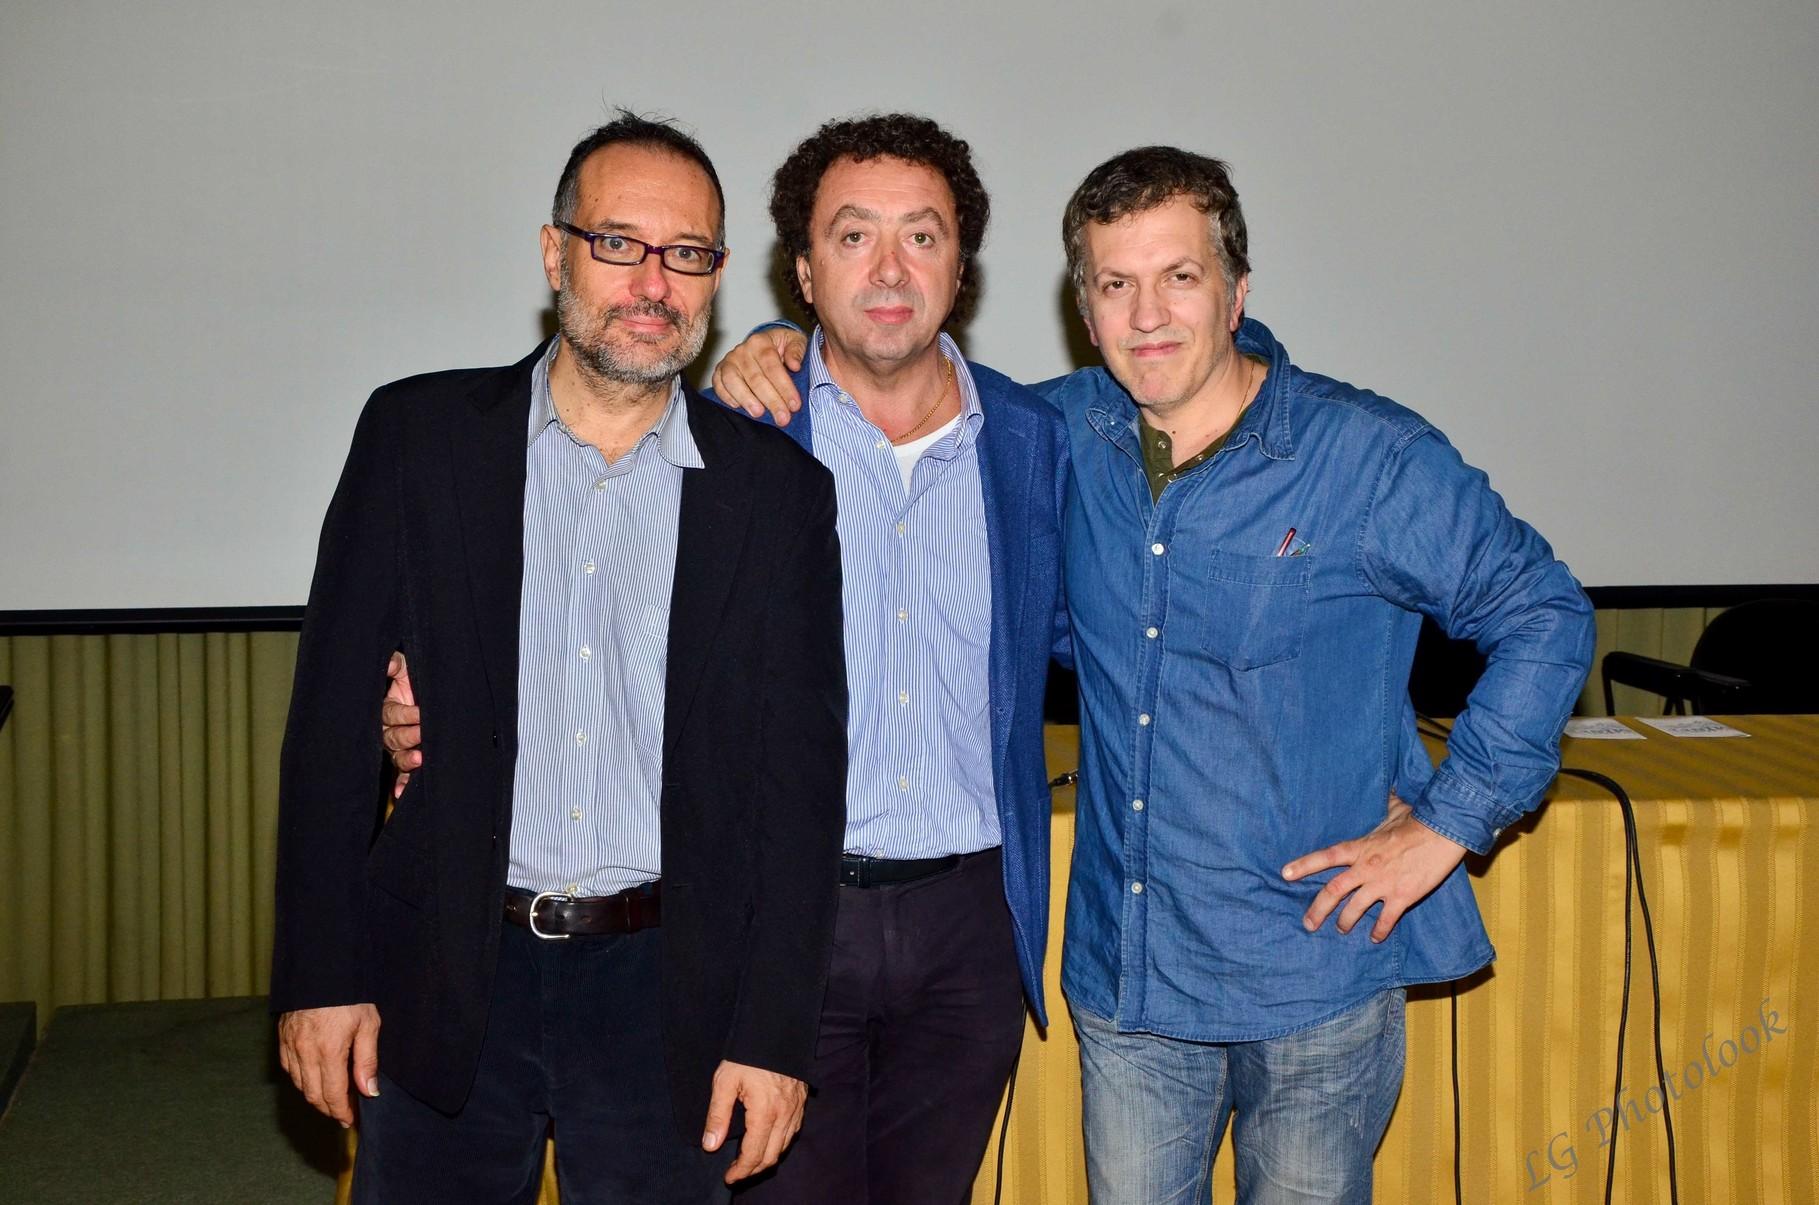 Giovanni Bogani (critico cinematografico), Marcello Zeppi (Presidente MISFF), Domenico Costanzo (regista)